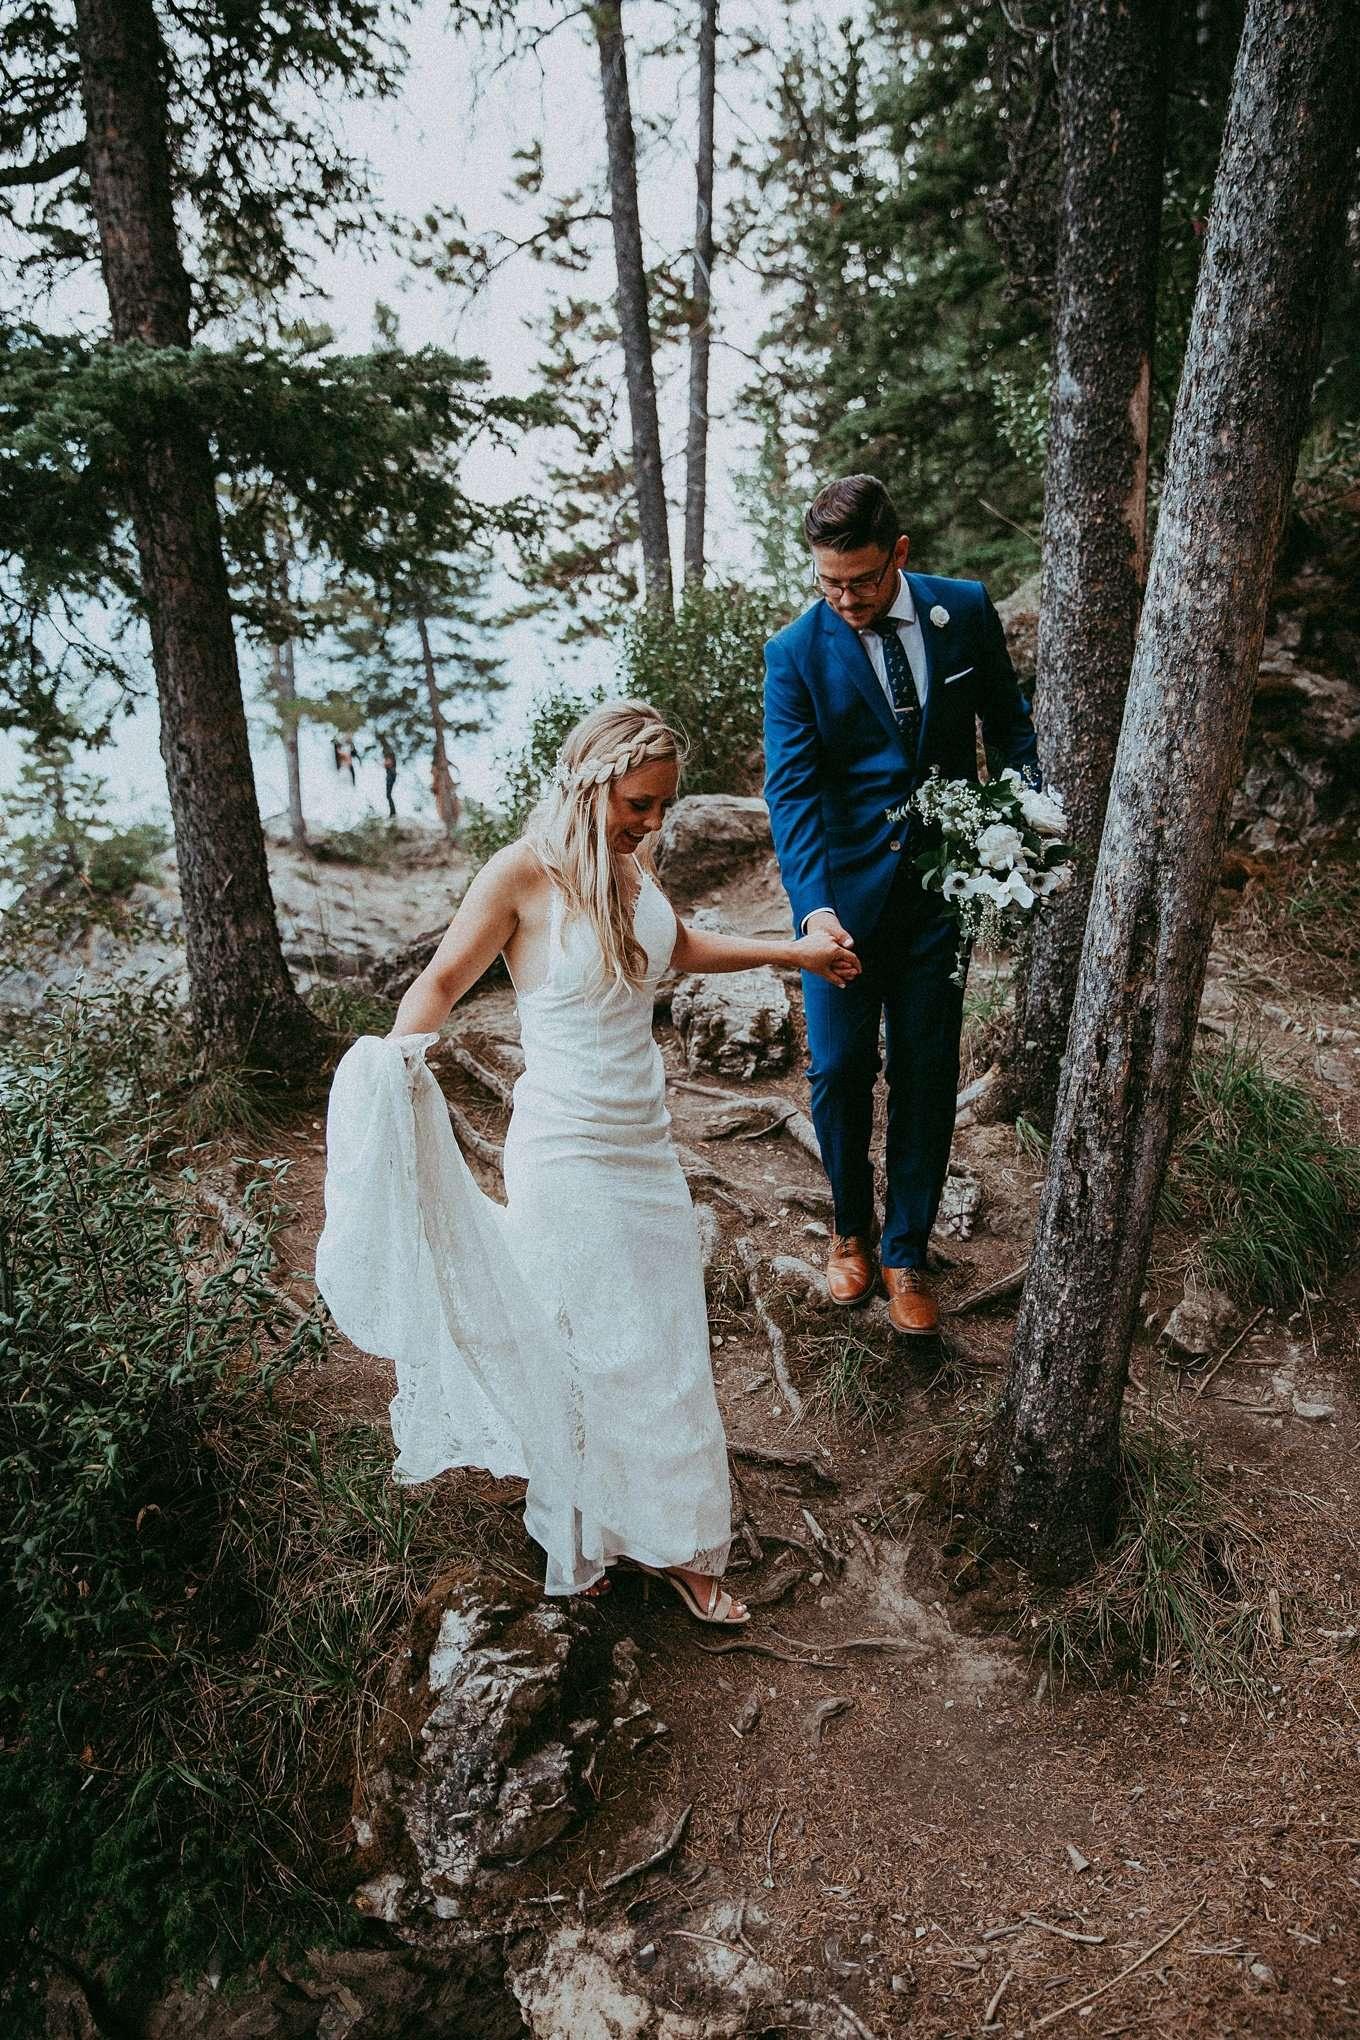 lake minnewanka, lake minnewanka wedding, adventerous wedding, adventure wedding, adventure wedding photographer, adventerous wedding photographers, adventerous wedding photographers banff